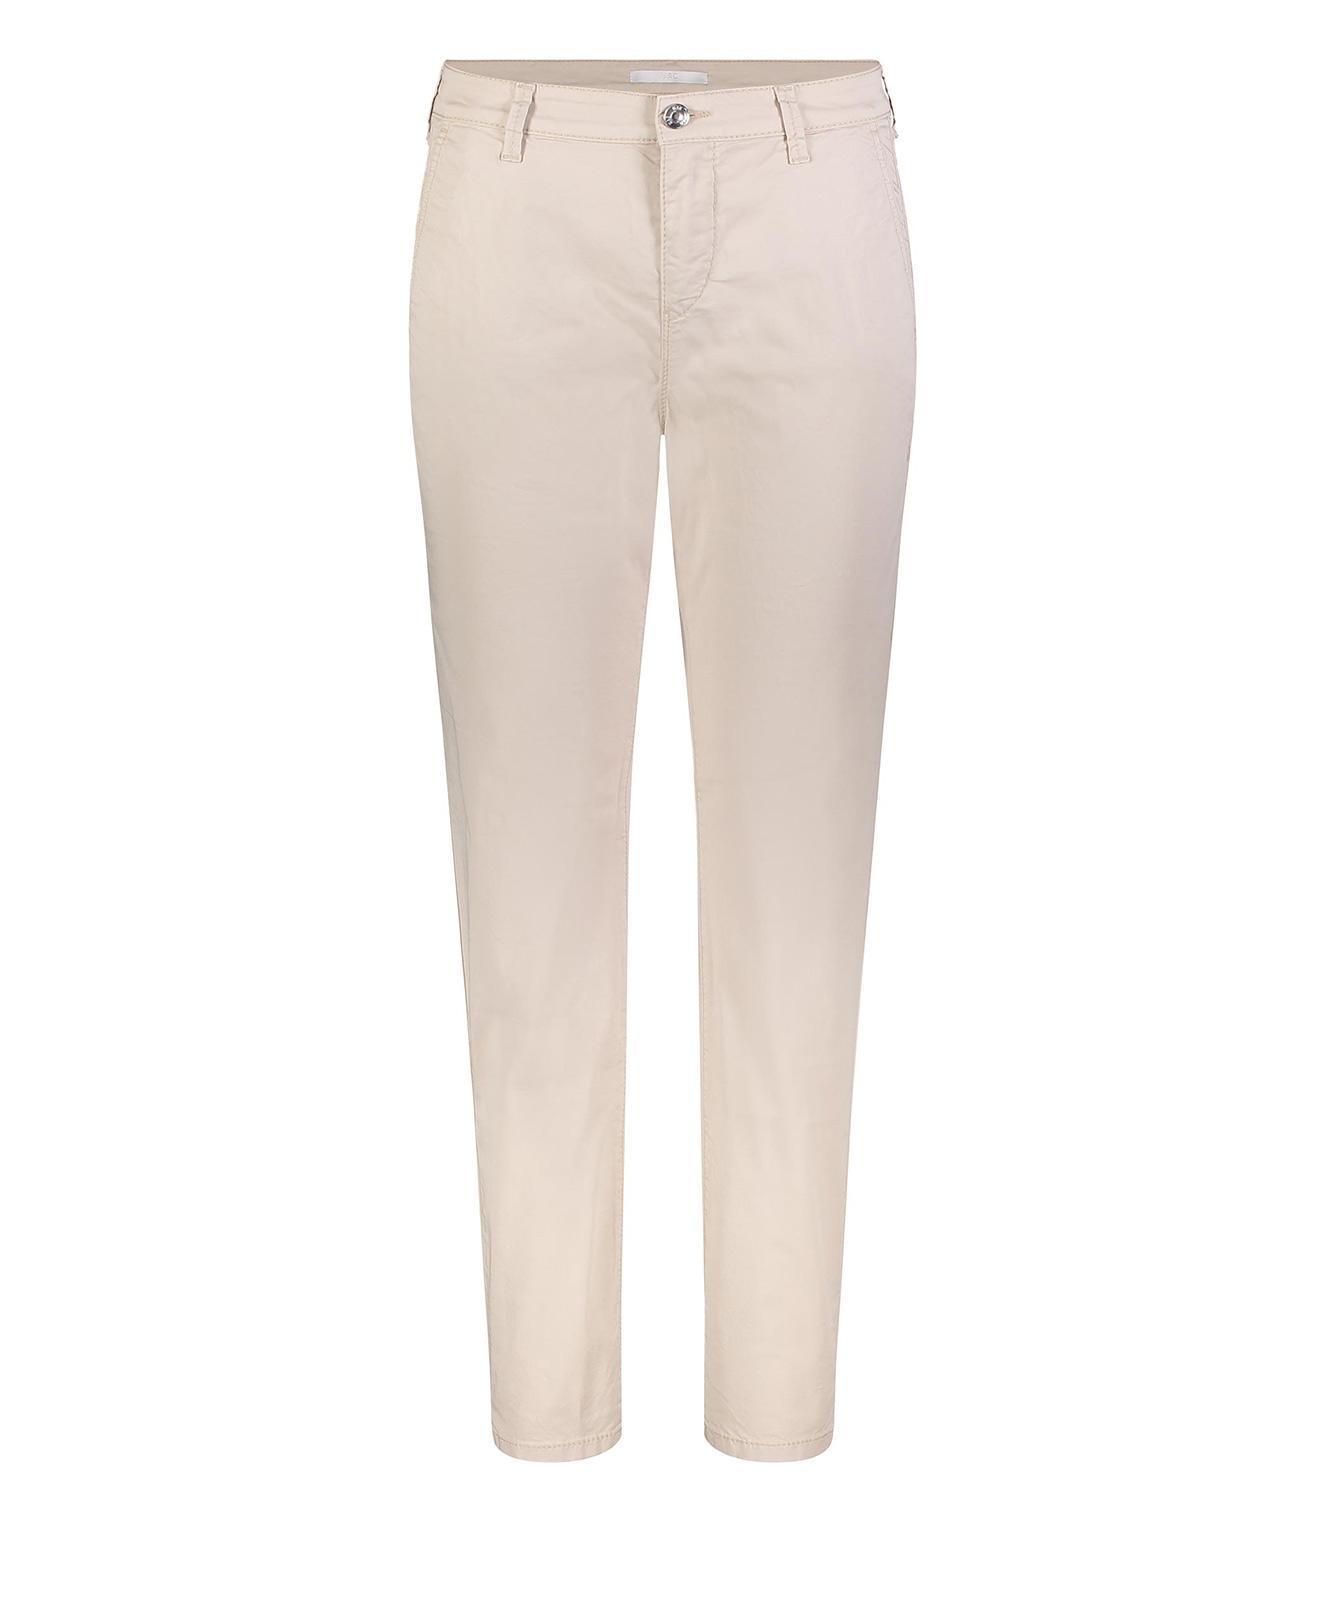 Mac Chino - Beige Damenhose in modischer Casual-Optik-D42 / L30